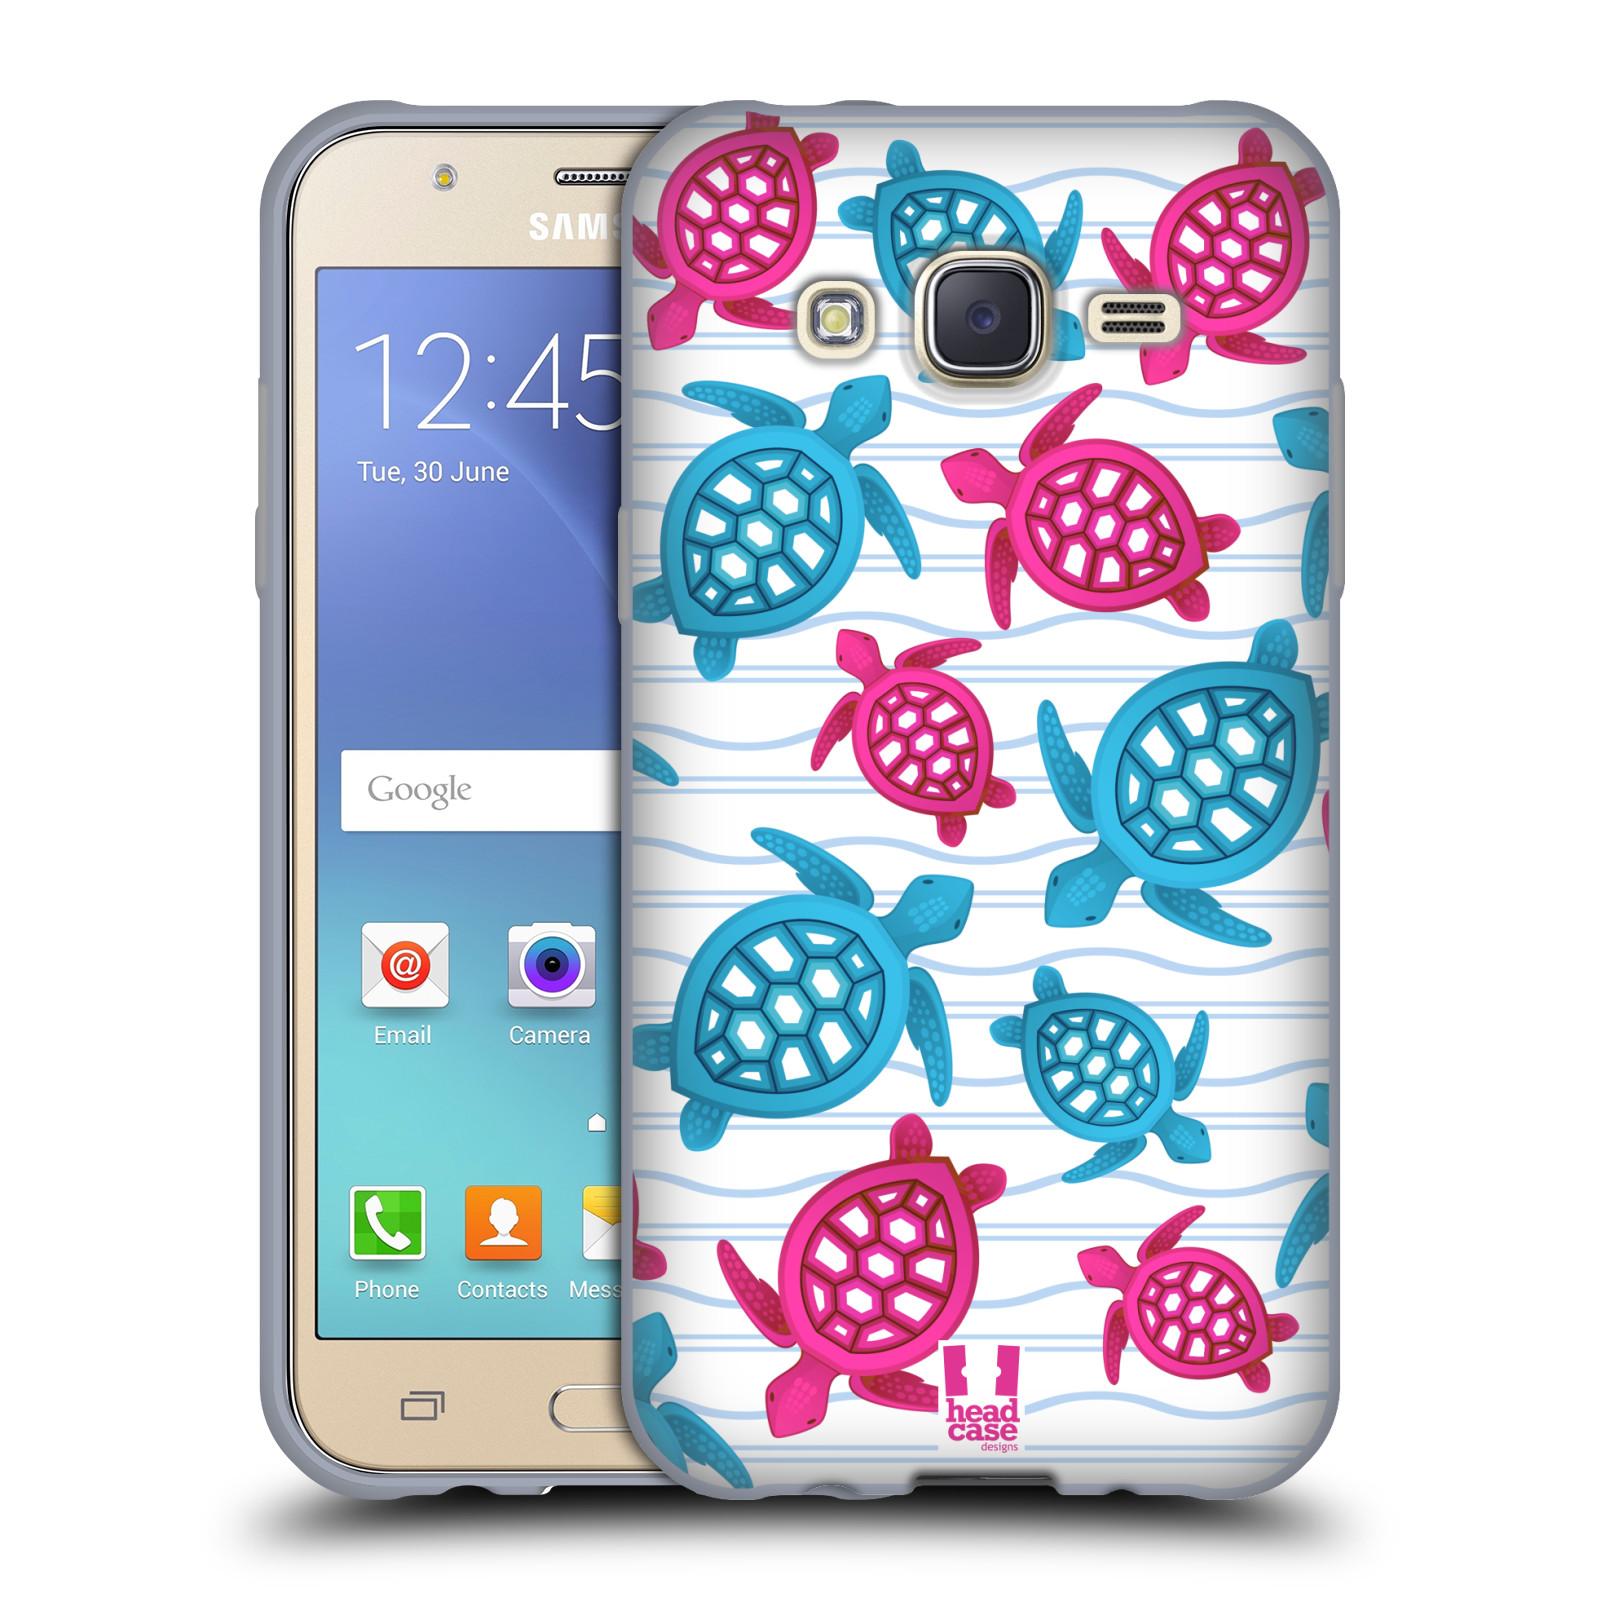 HEAD CASE silikonový obal na mobil Samsung Galaxy J5, J500, (J5 DUOS) vzor mořský živočich želva modrá a růžová